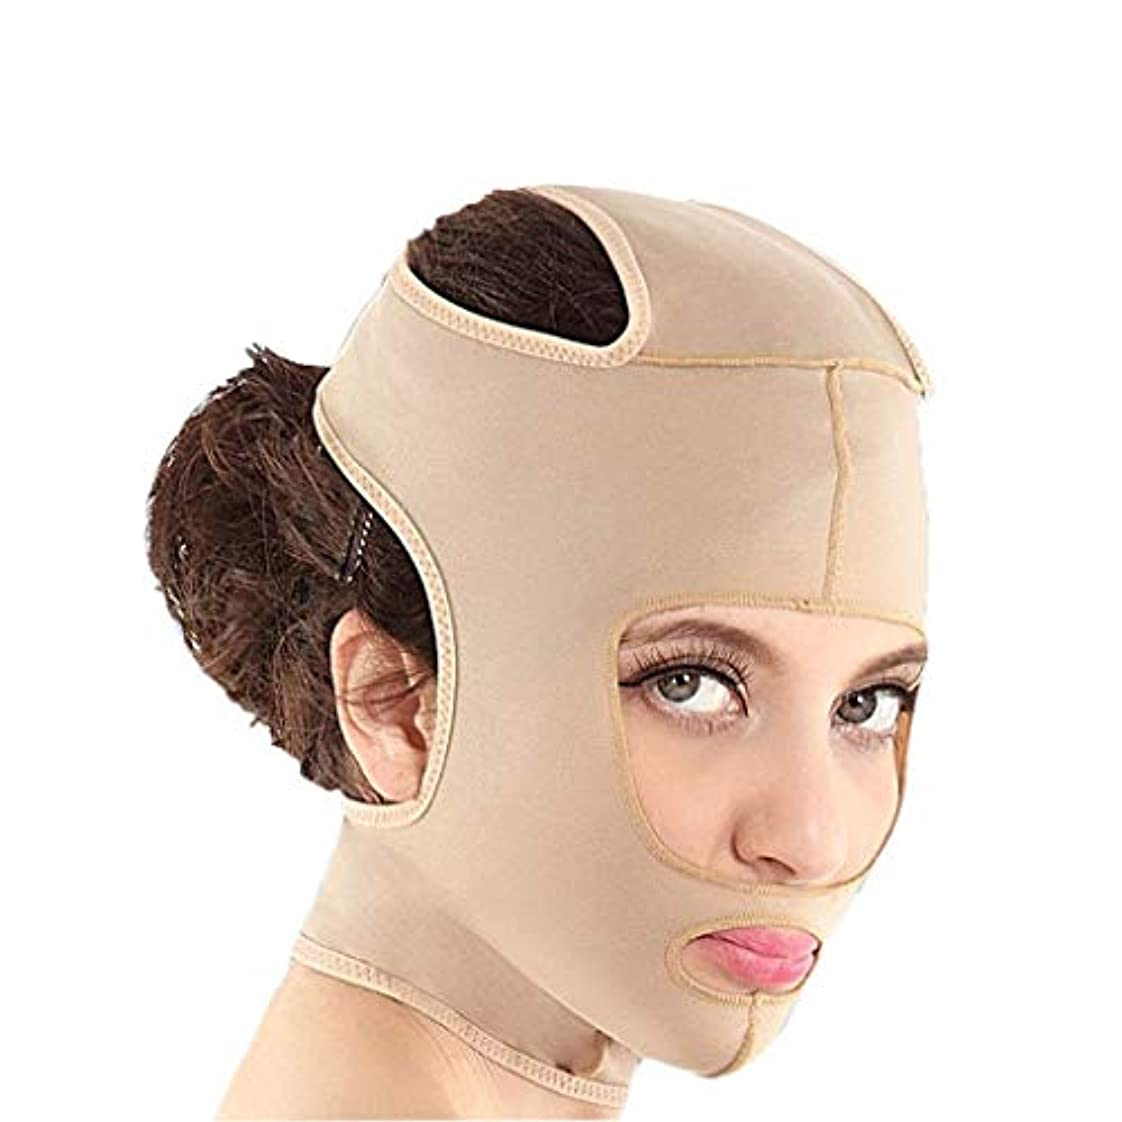 スラム街うねる敬なフェイスリフティングマスク、リフティングスキンリンクルシンダブルチンシンフェイスバンデージオブスキンサギング(サイズ:Xl)